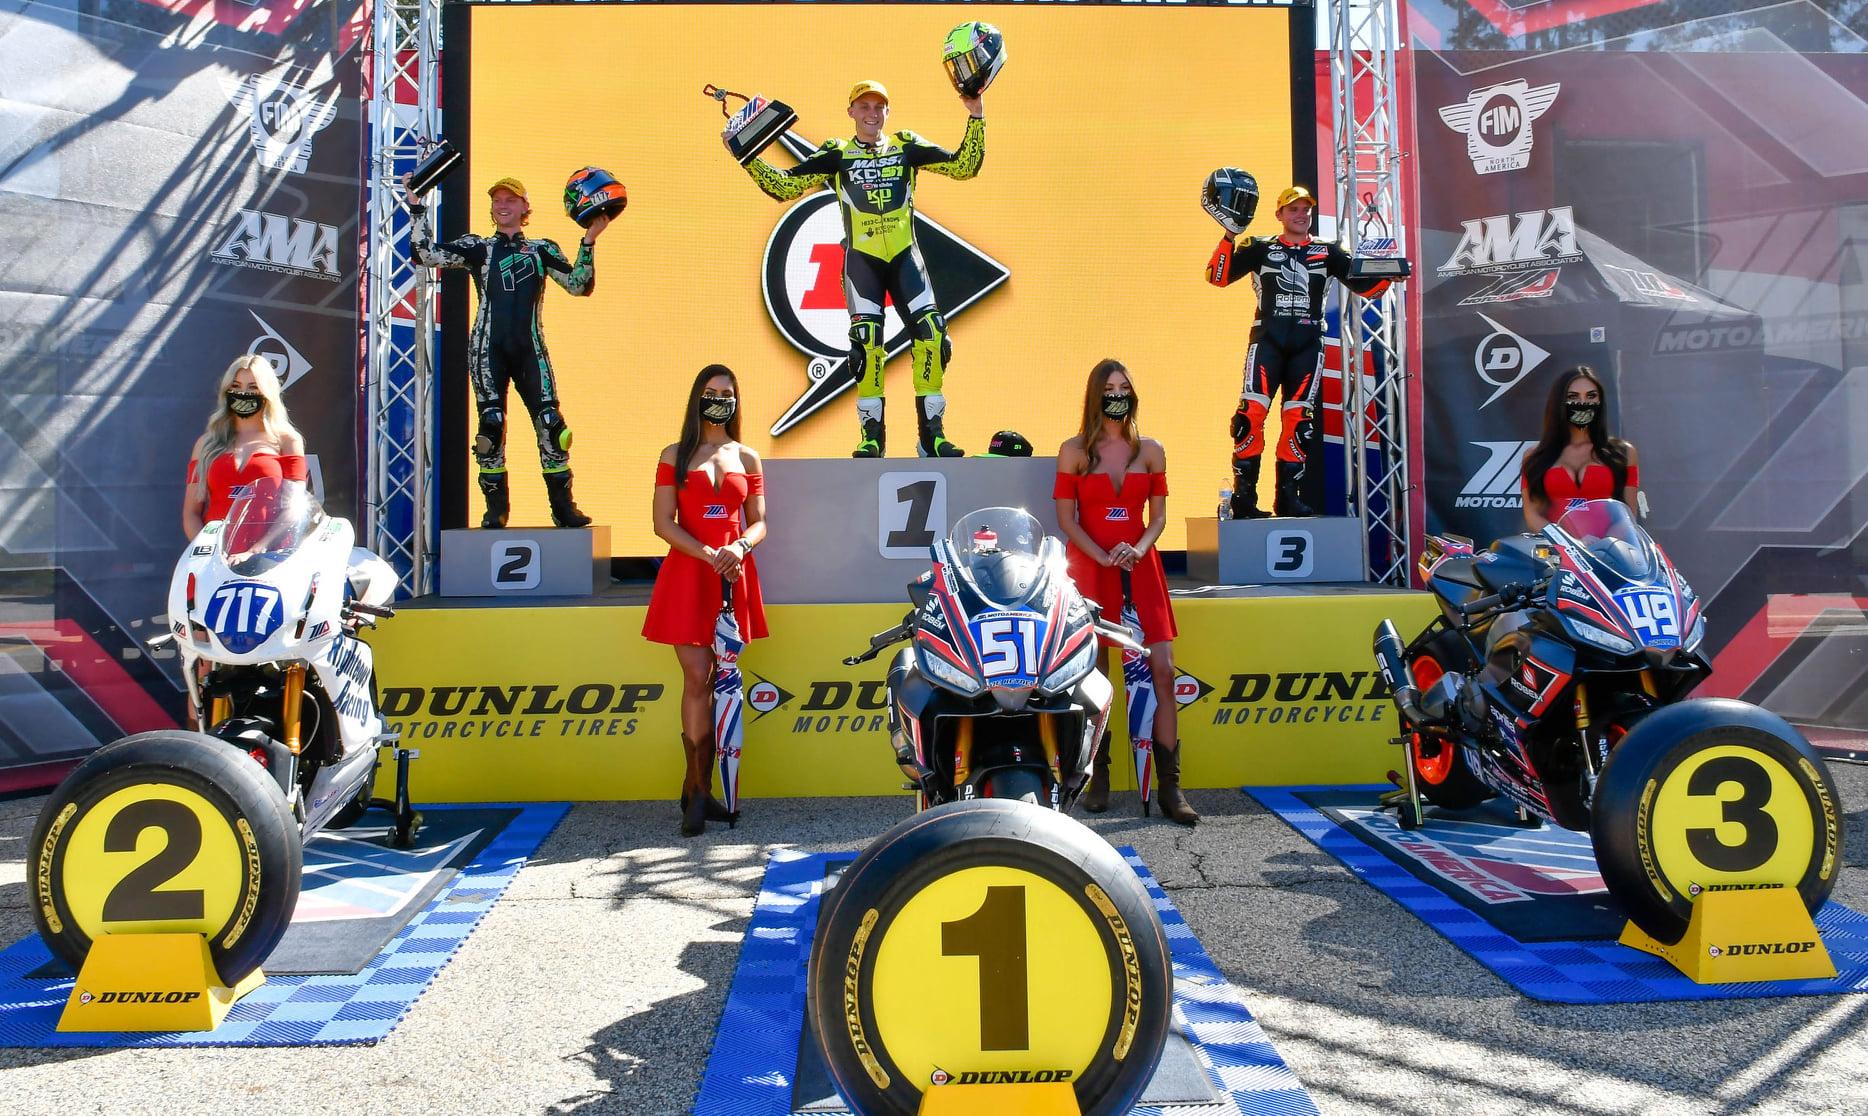 Aprilia Dominates In Motoamerica In The Debut Race With Bitubo Suspension